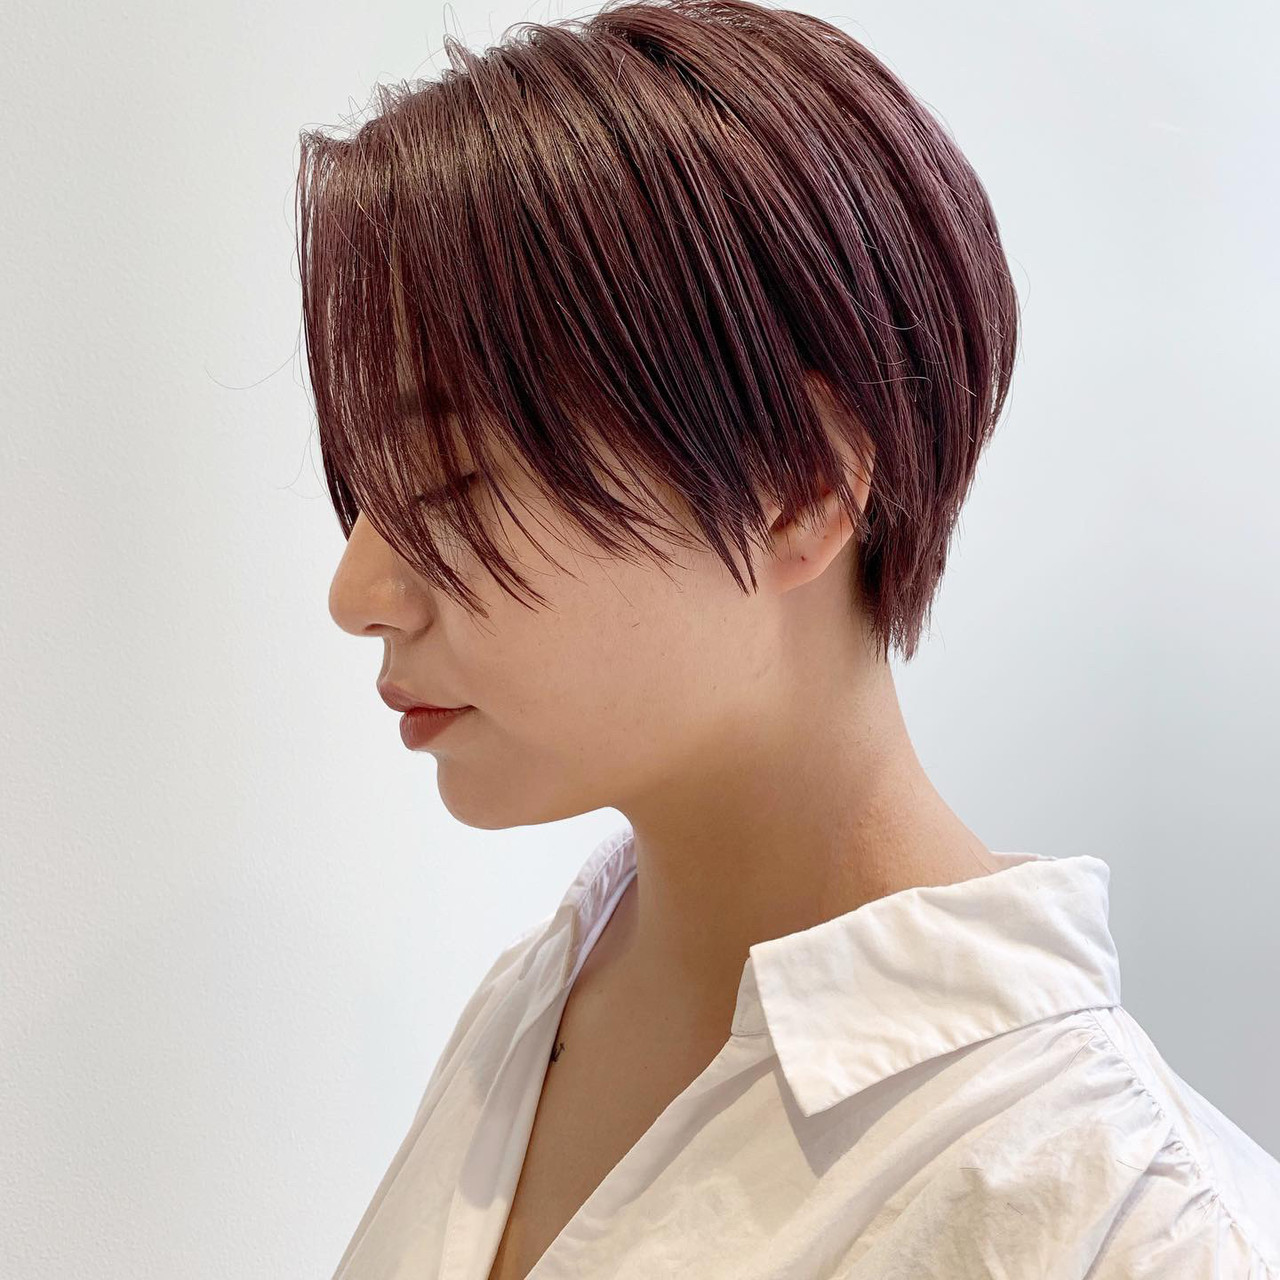 エレガント デート スポーツ ショート ヘアスタイルや髪型の写真・画像